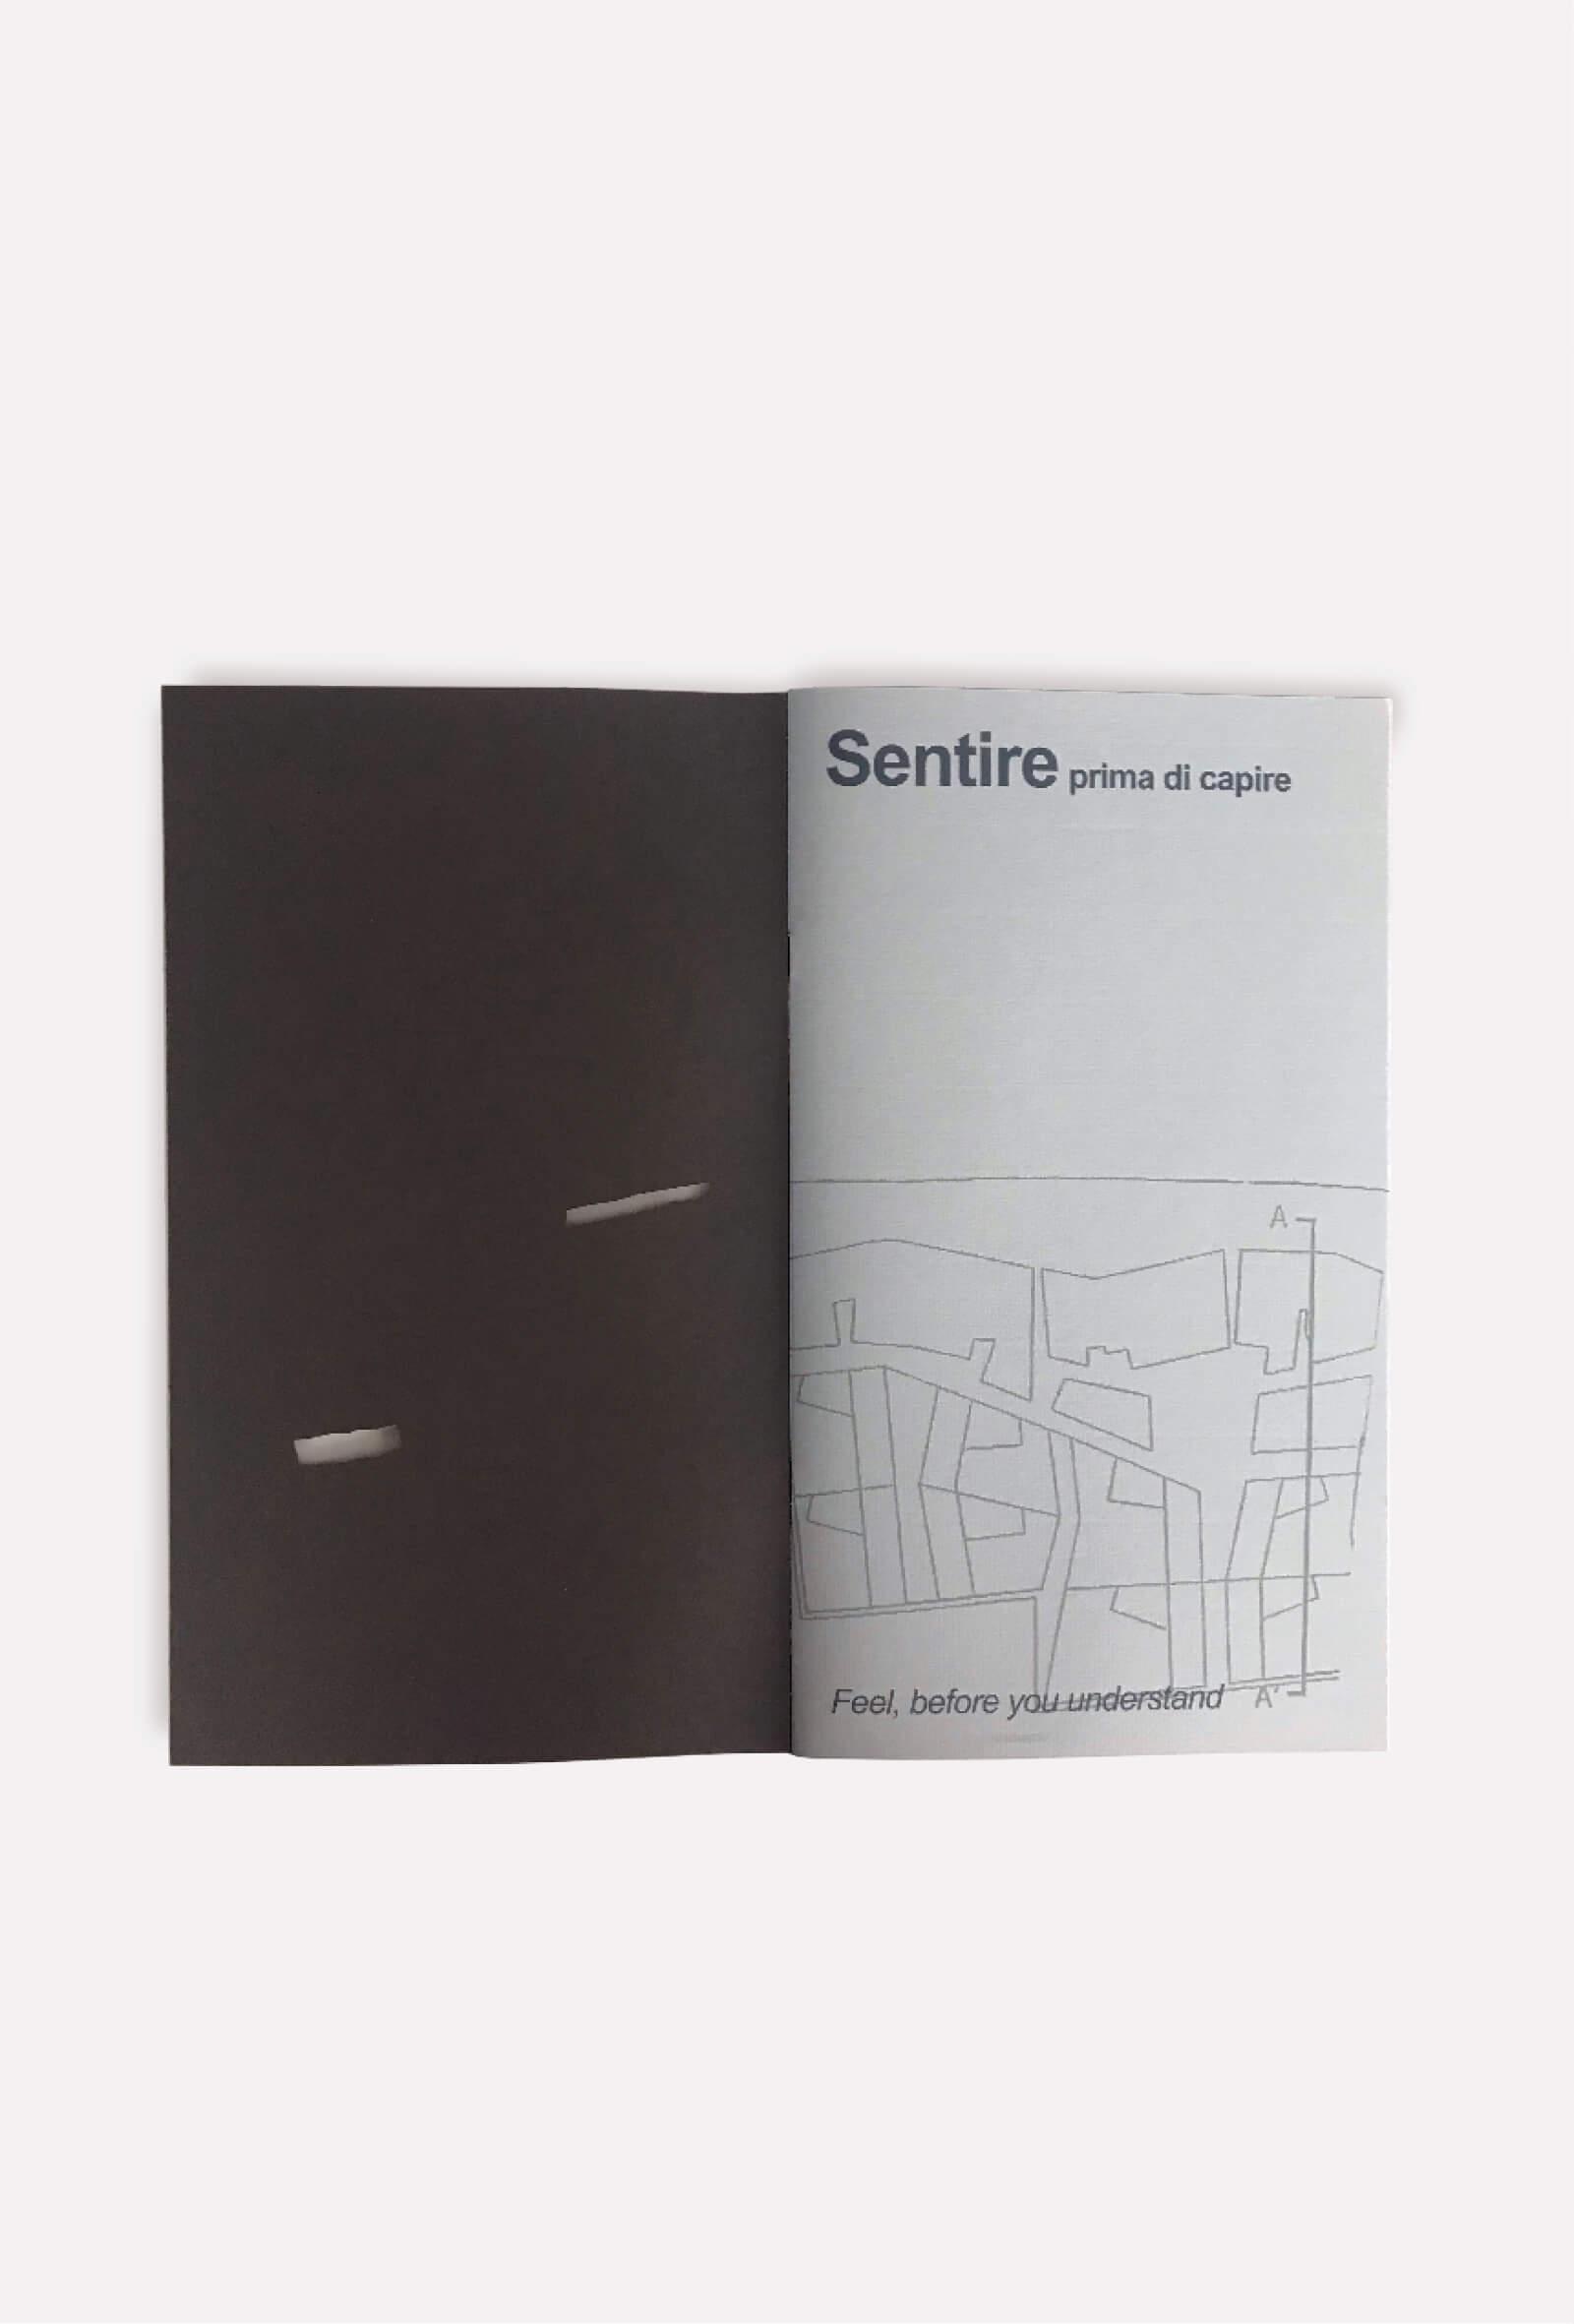 dettaglio copertina e pagine interne brochure per progetto architettura, illustrazioni diadestudio agenzia di comunicazione arco di trento